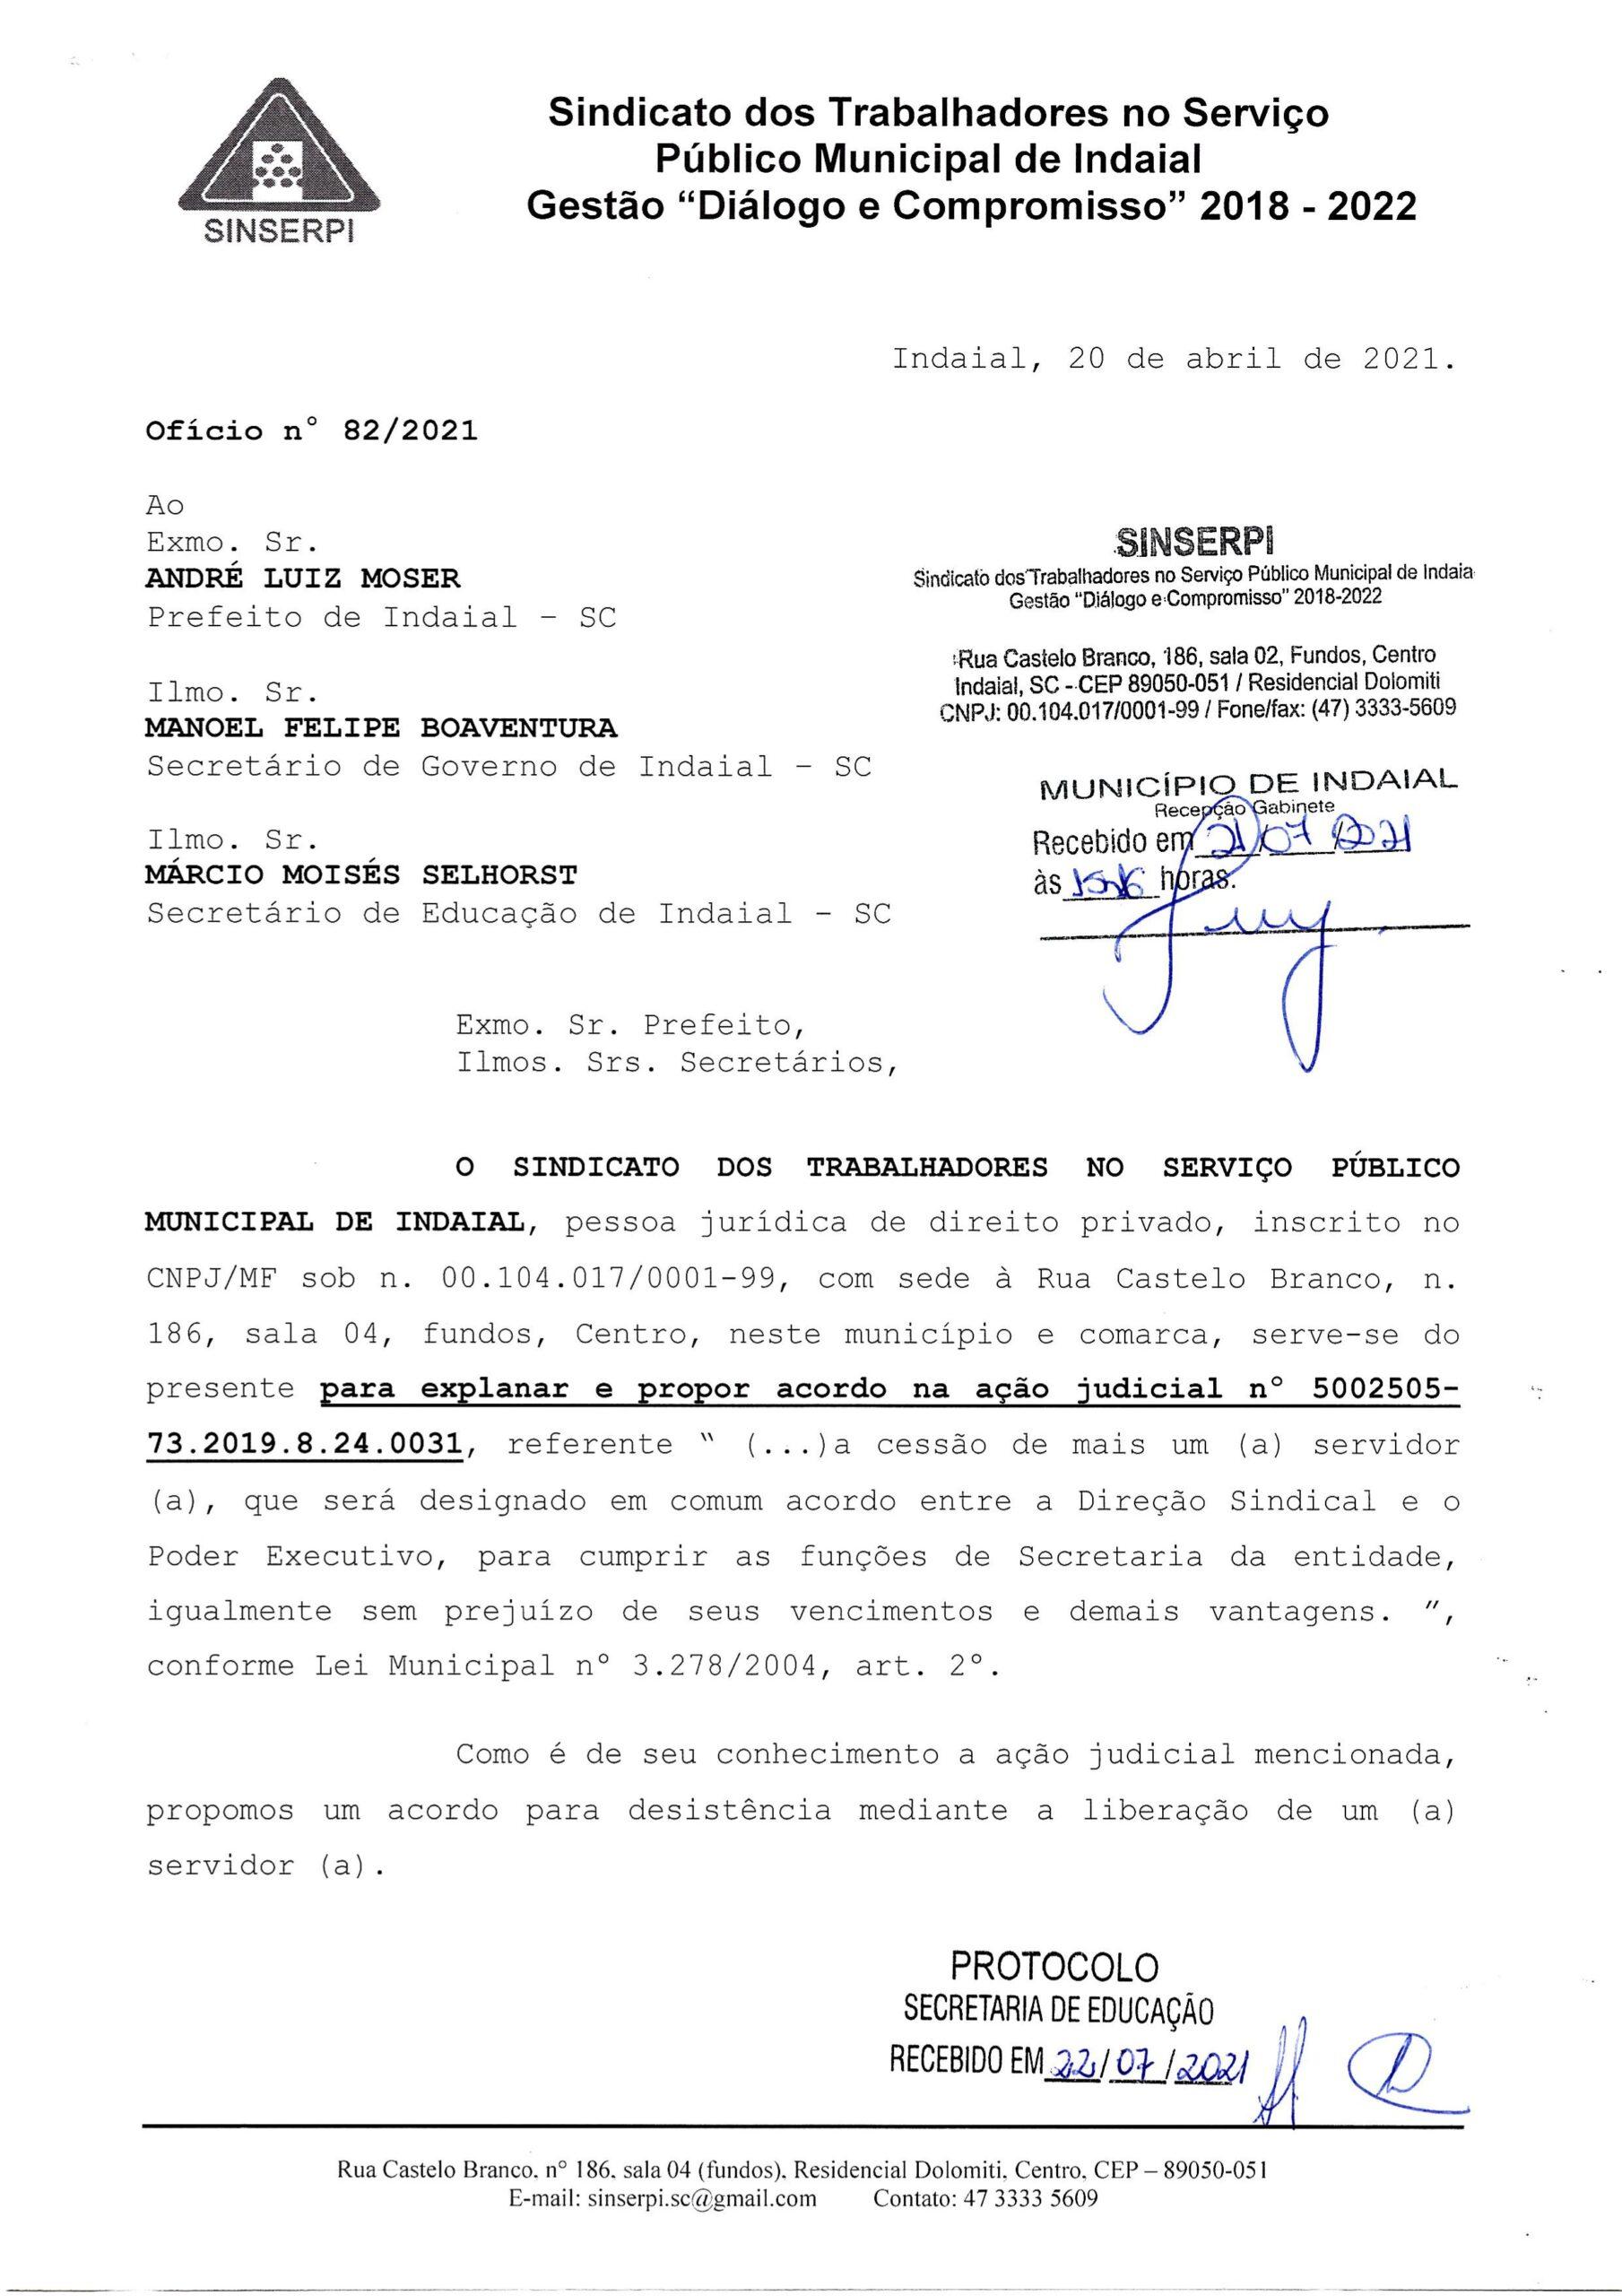 SINSERPI apresenta proposta de acordo em ação judicial para Administração Municipal.